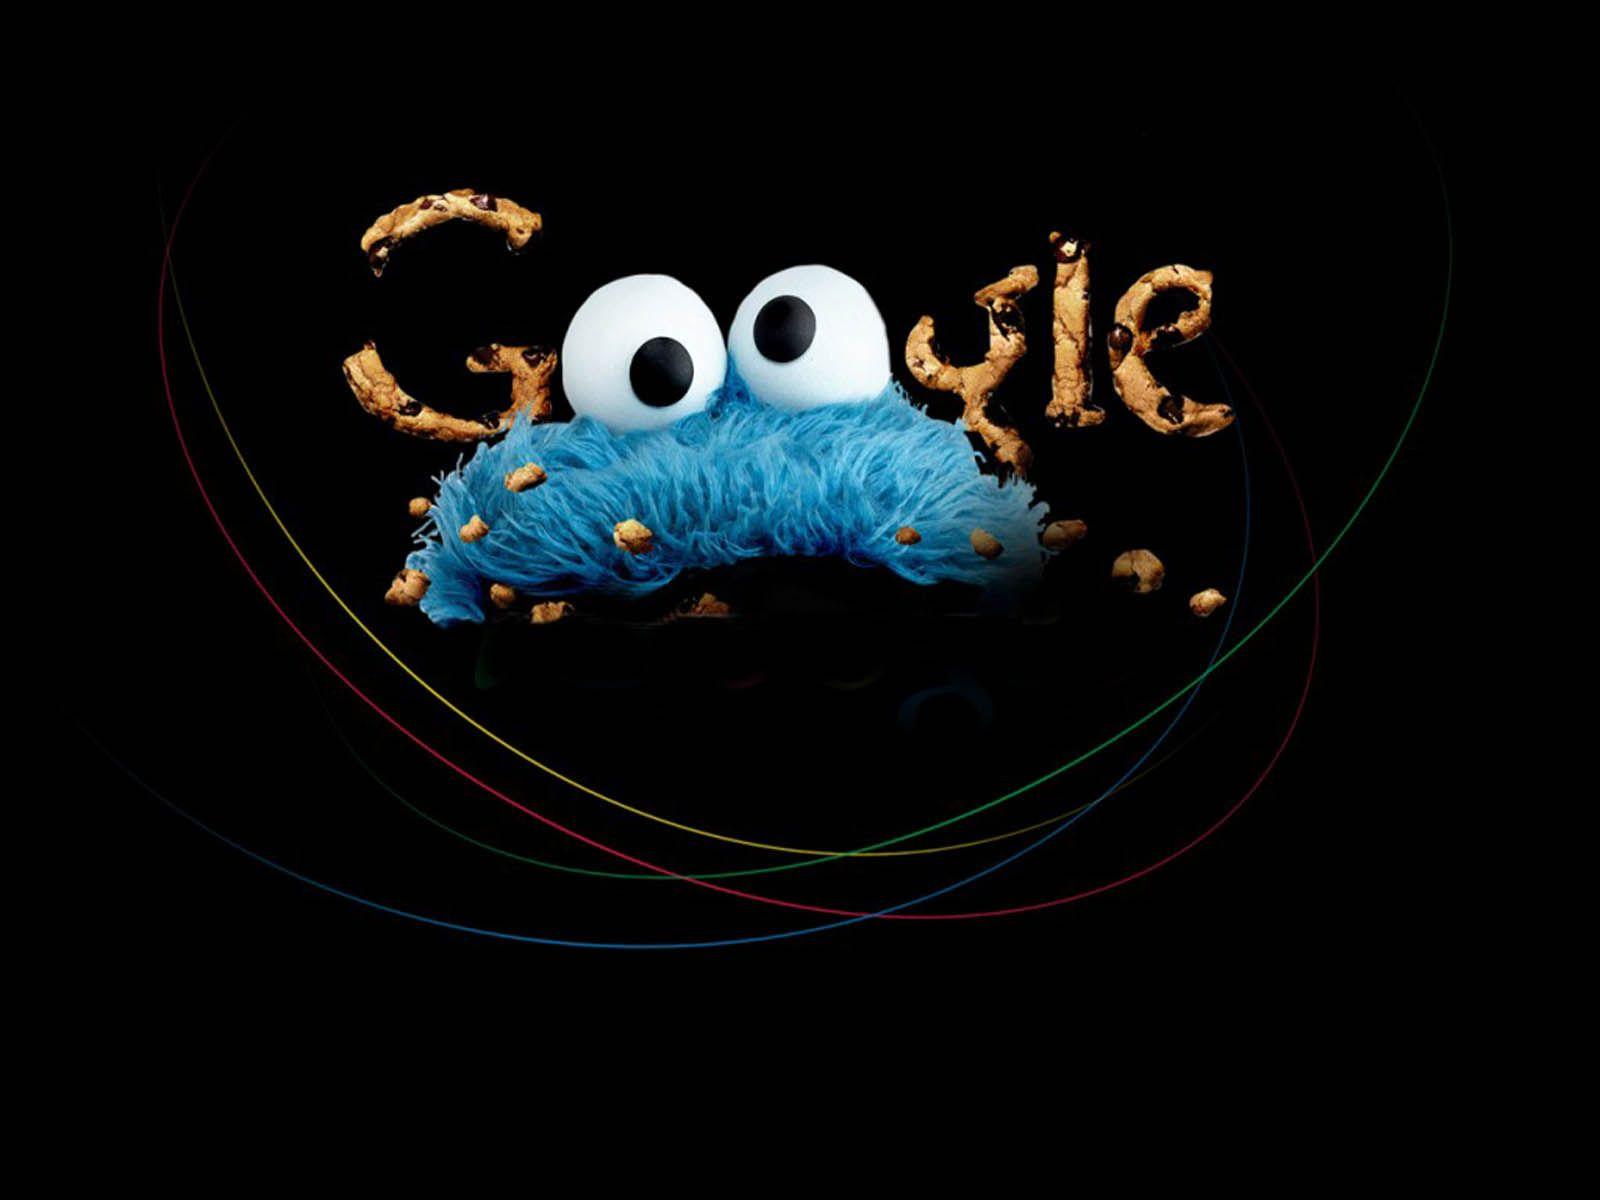 google desktop backgrounds